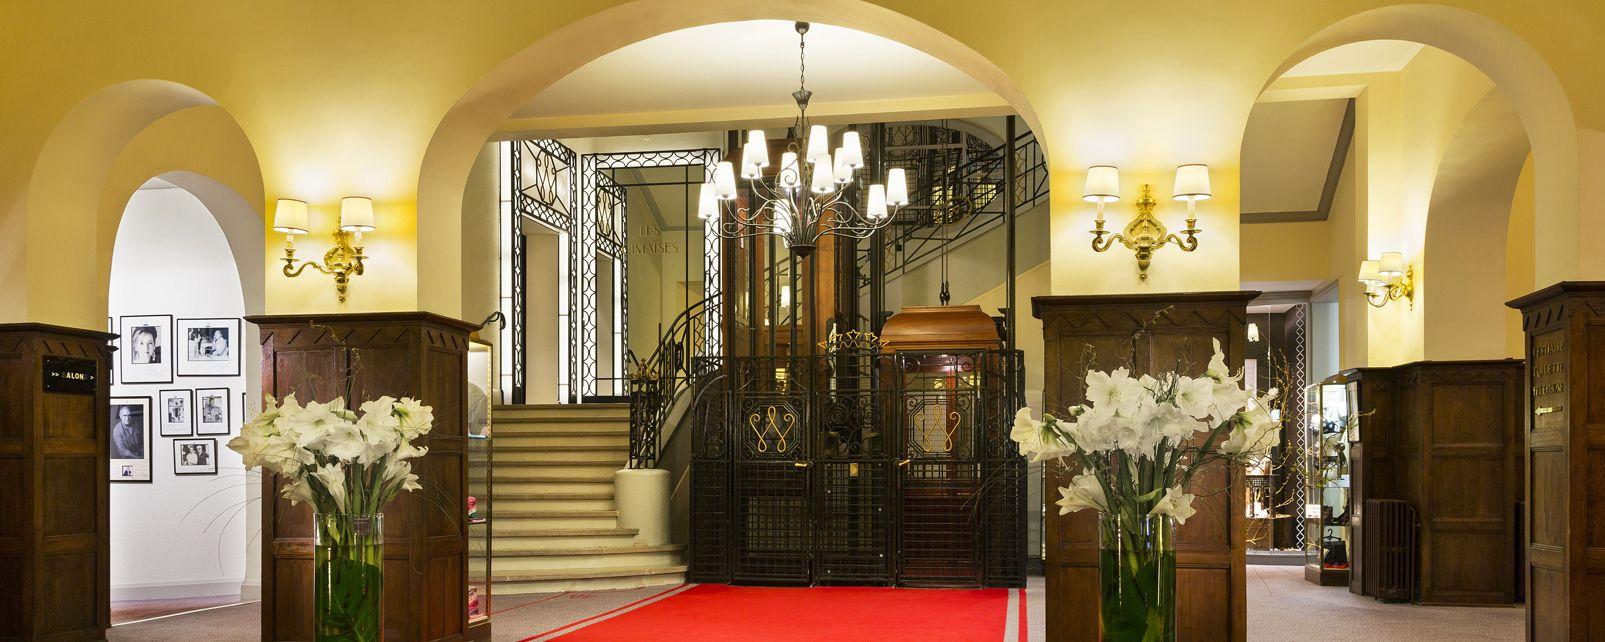 Hôtel Westminster Hôtel & Spa